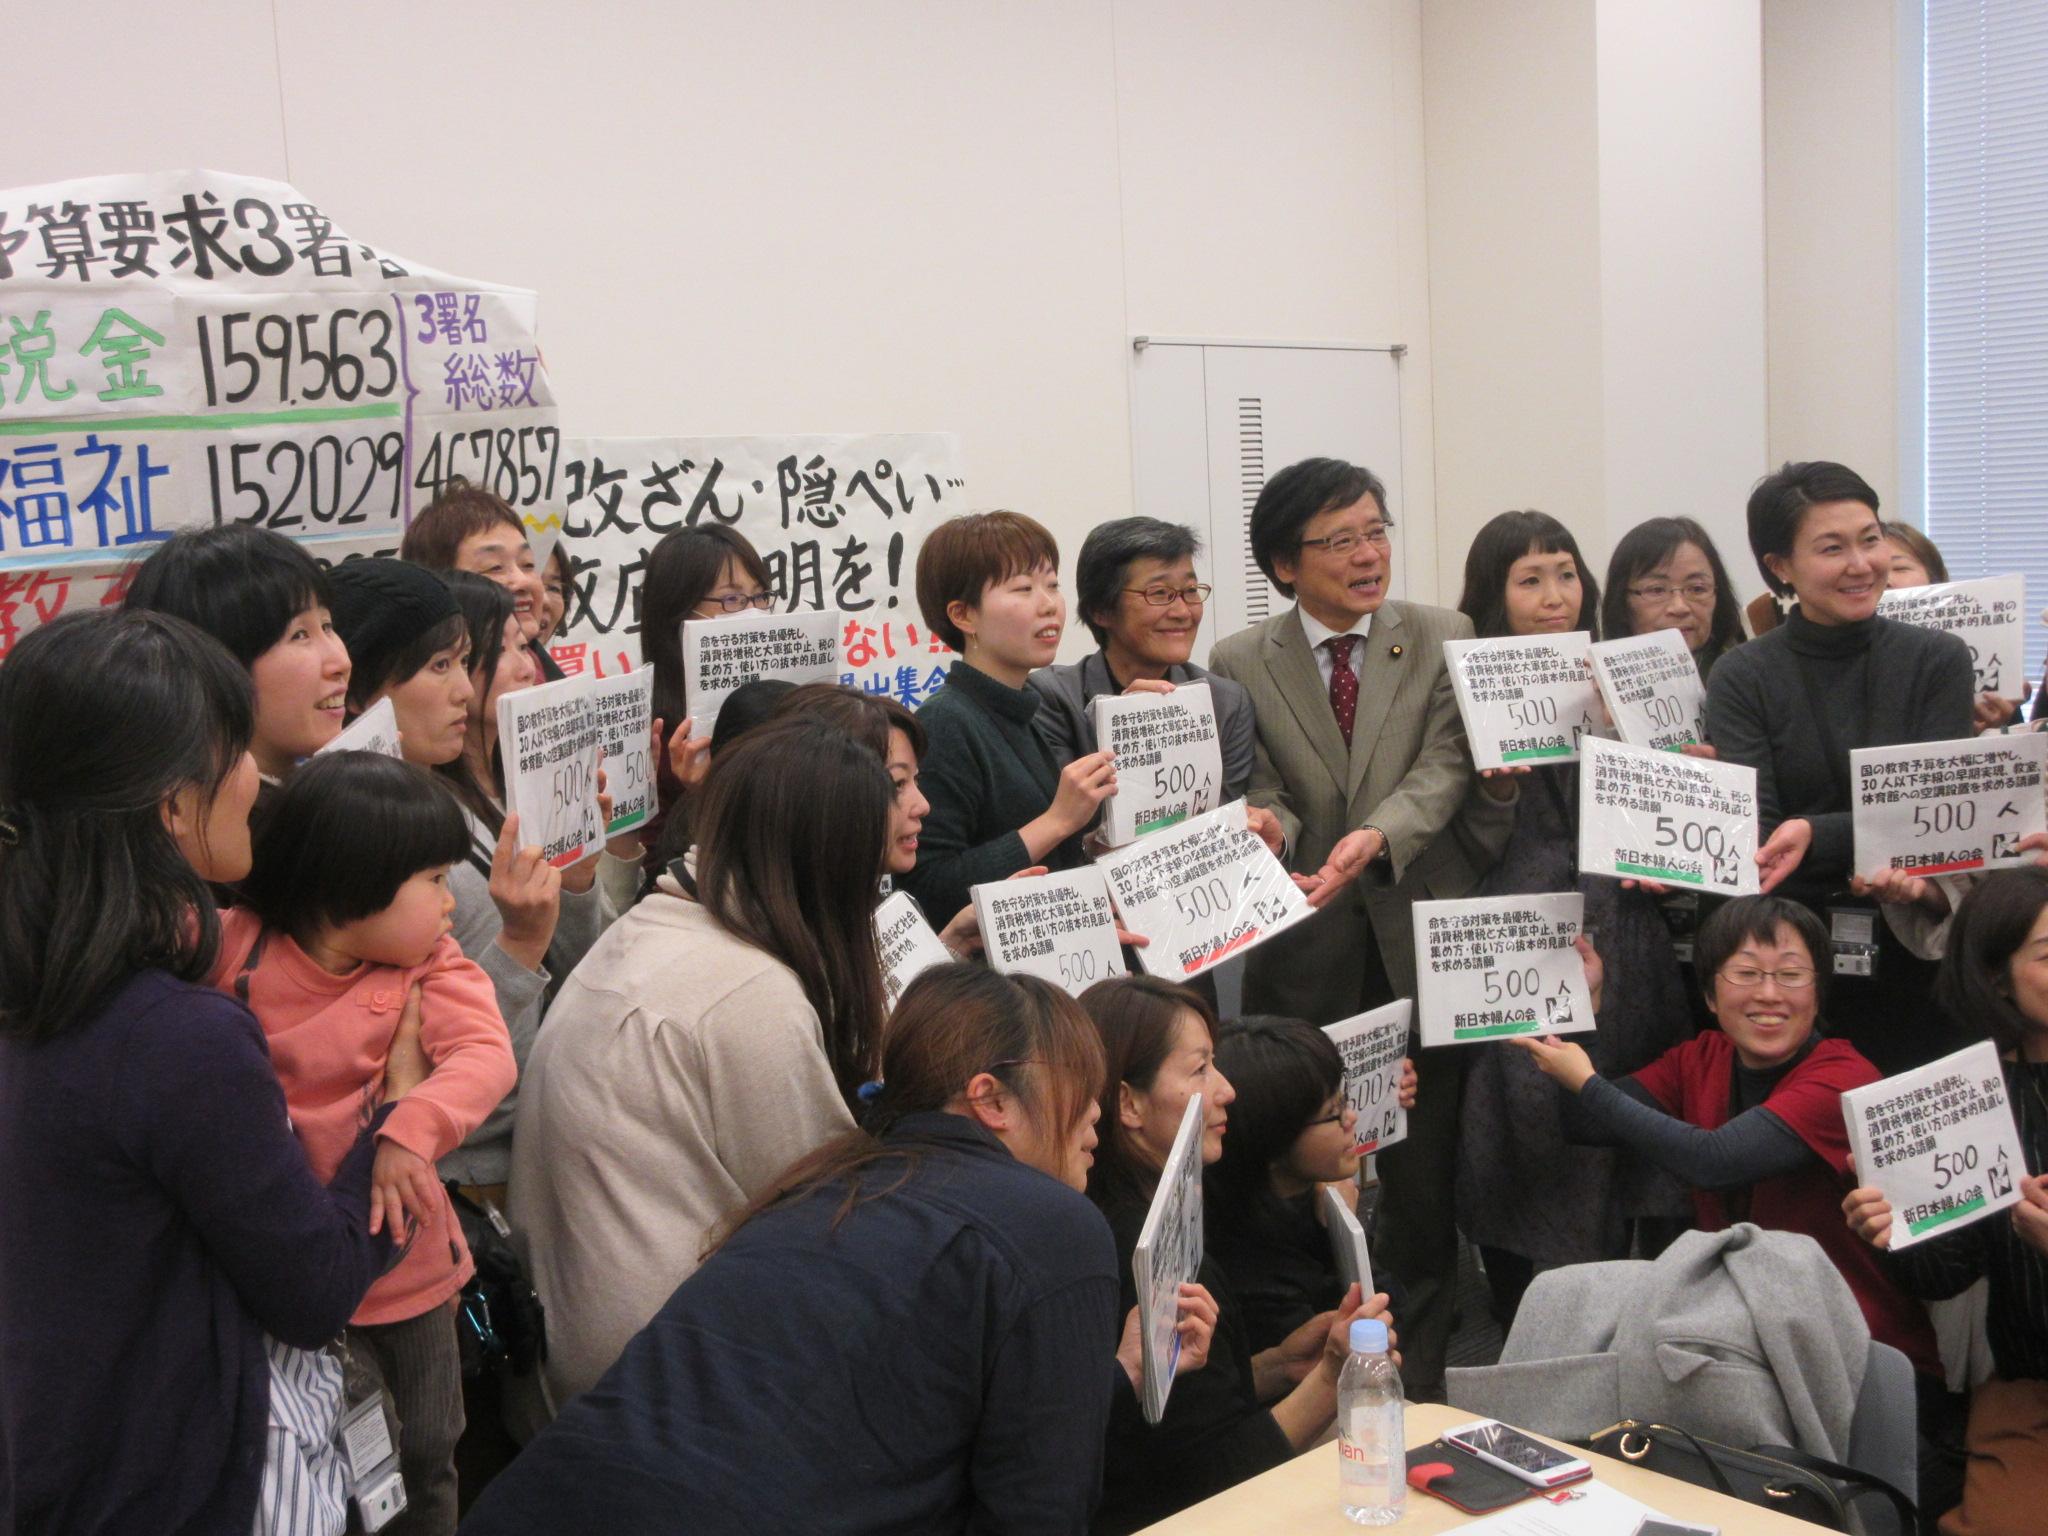 http://www.inoue-satoshi.com/diary/IMG_8283.JPG